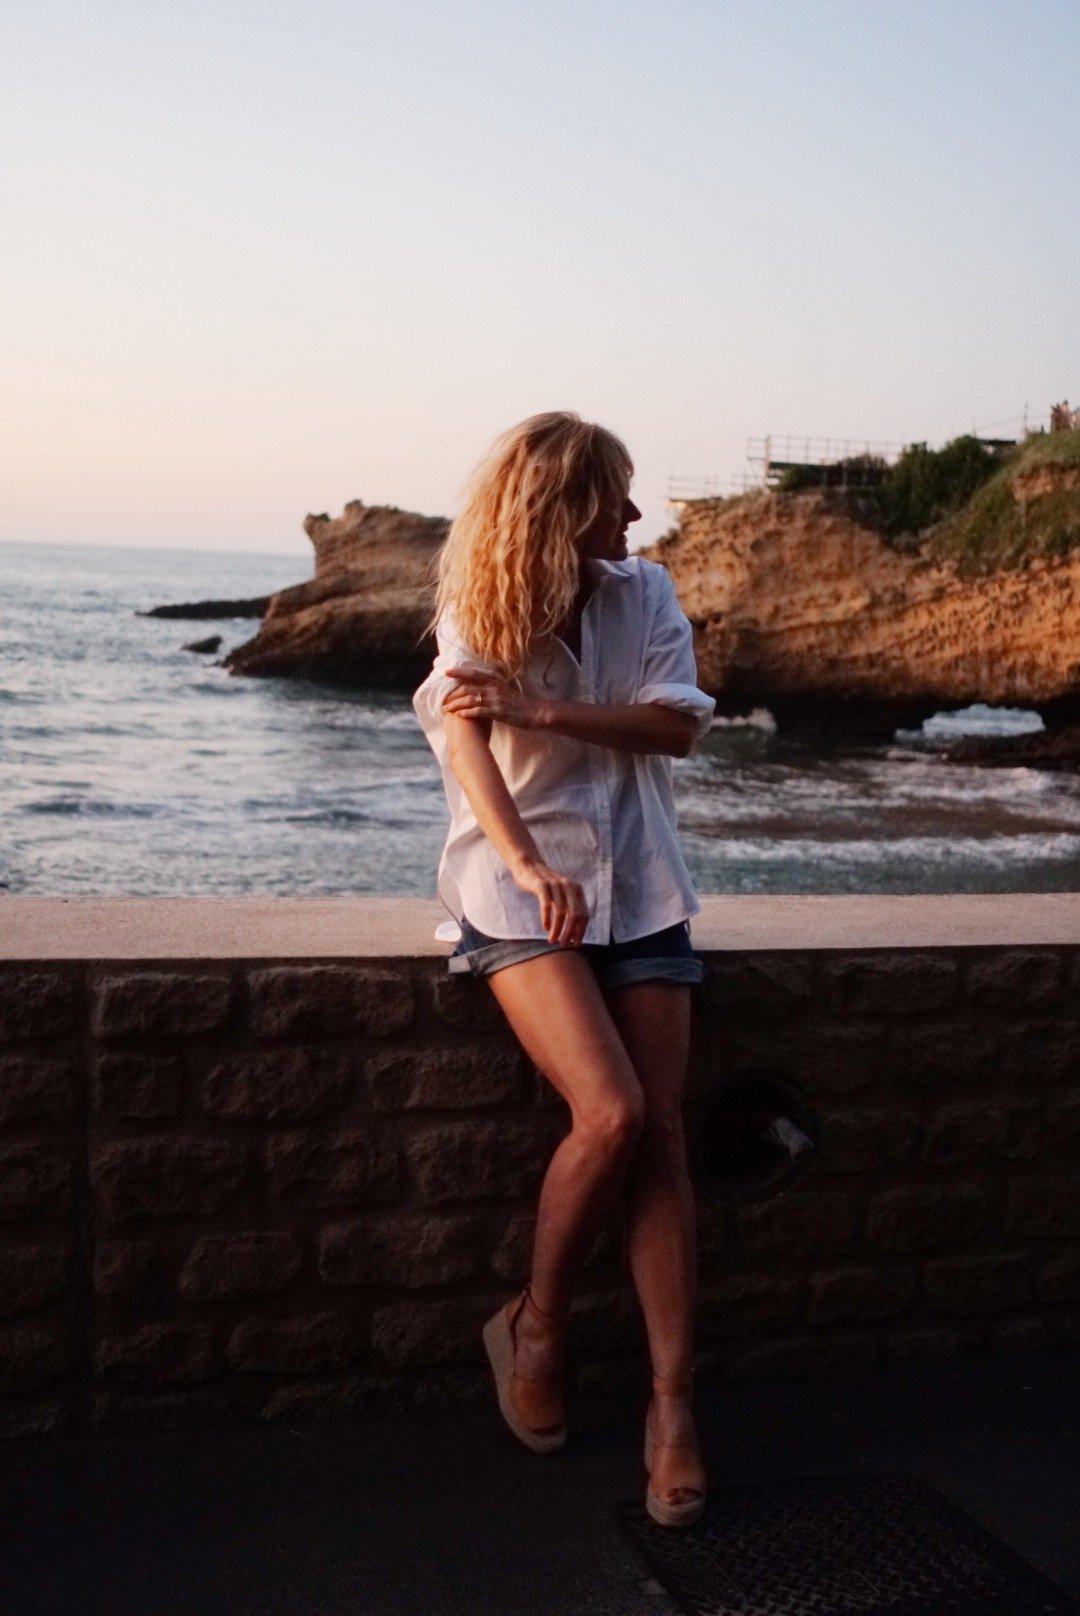 Sommerlook mit weißem Hemd von Sandro, Jeans-Shorts und Plateausandalen, Nowshine in Biarritz, Sommer 2019